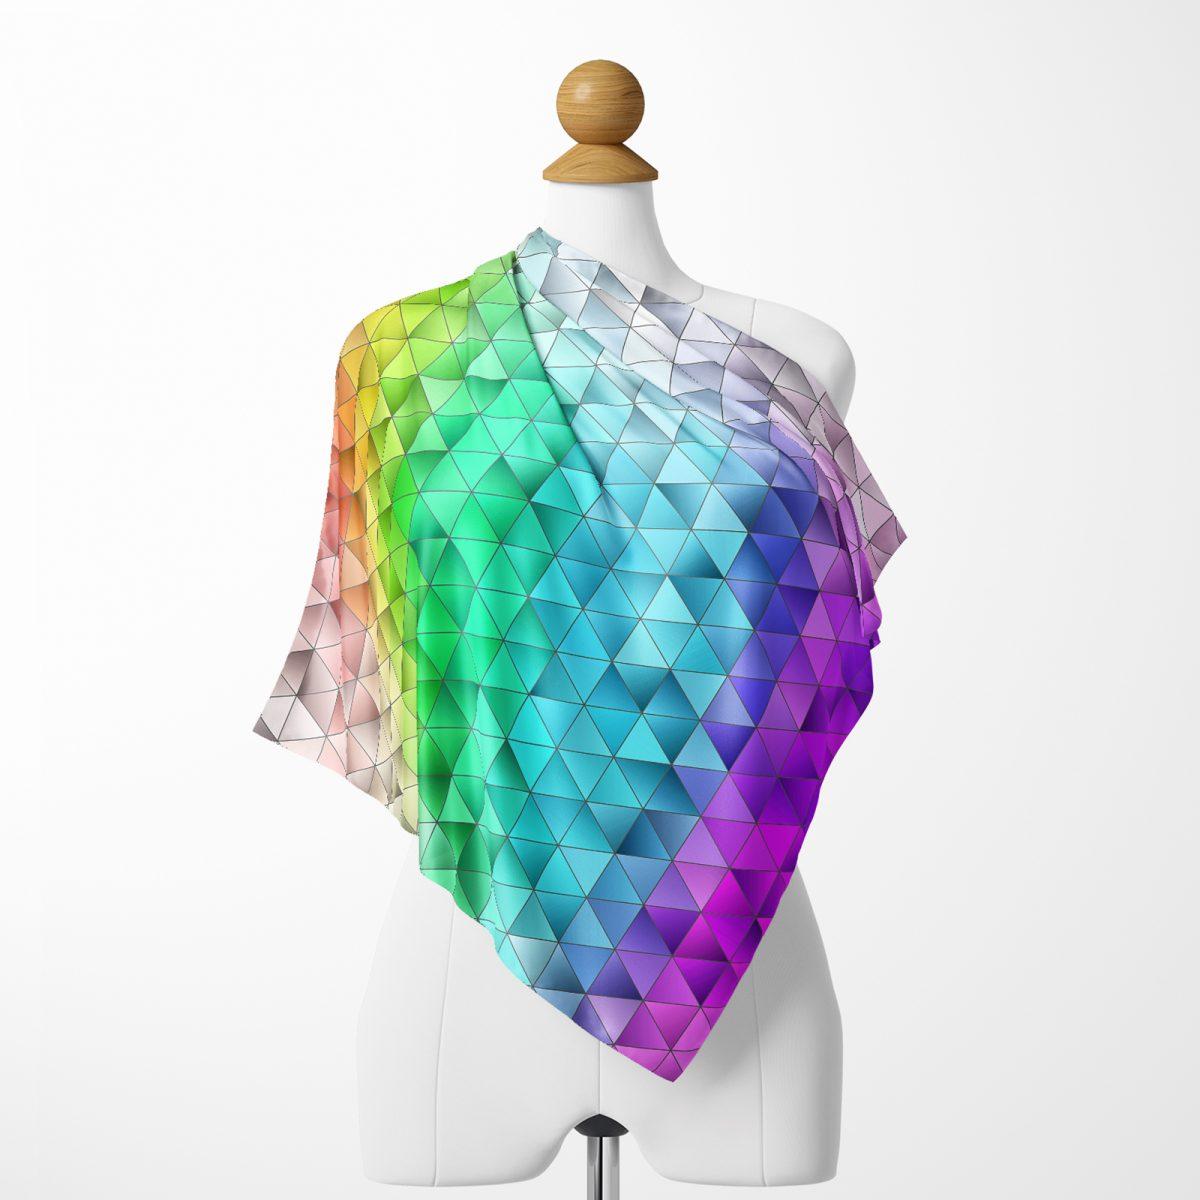 Realhomes Çok Renkli Özel Tasarım Dijital Baskılı Modern İpeksi Twill Eşarp Realhomes